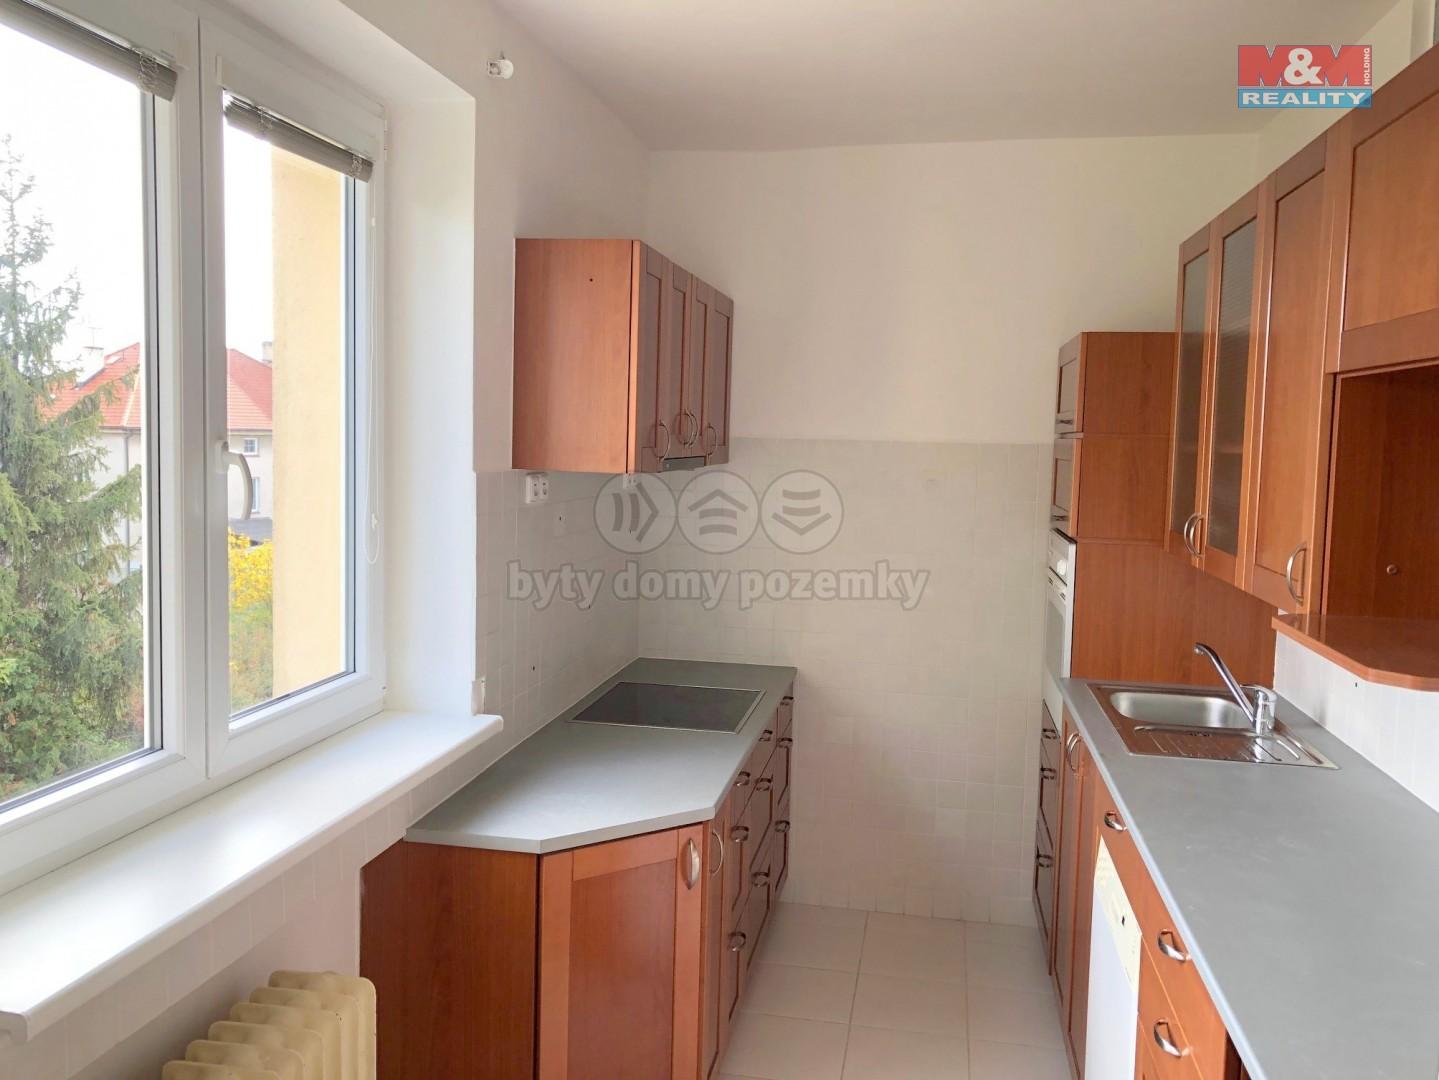 Pronájem, byt 3+kk, 64 m², Praha, ul. V zápolí